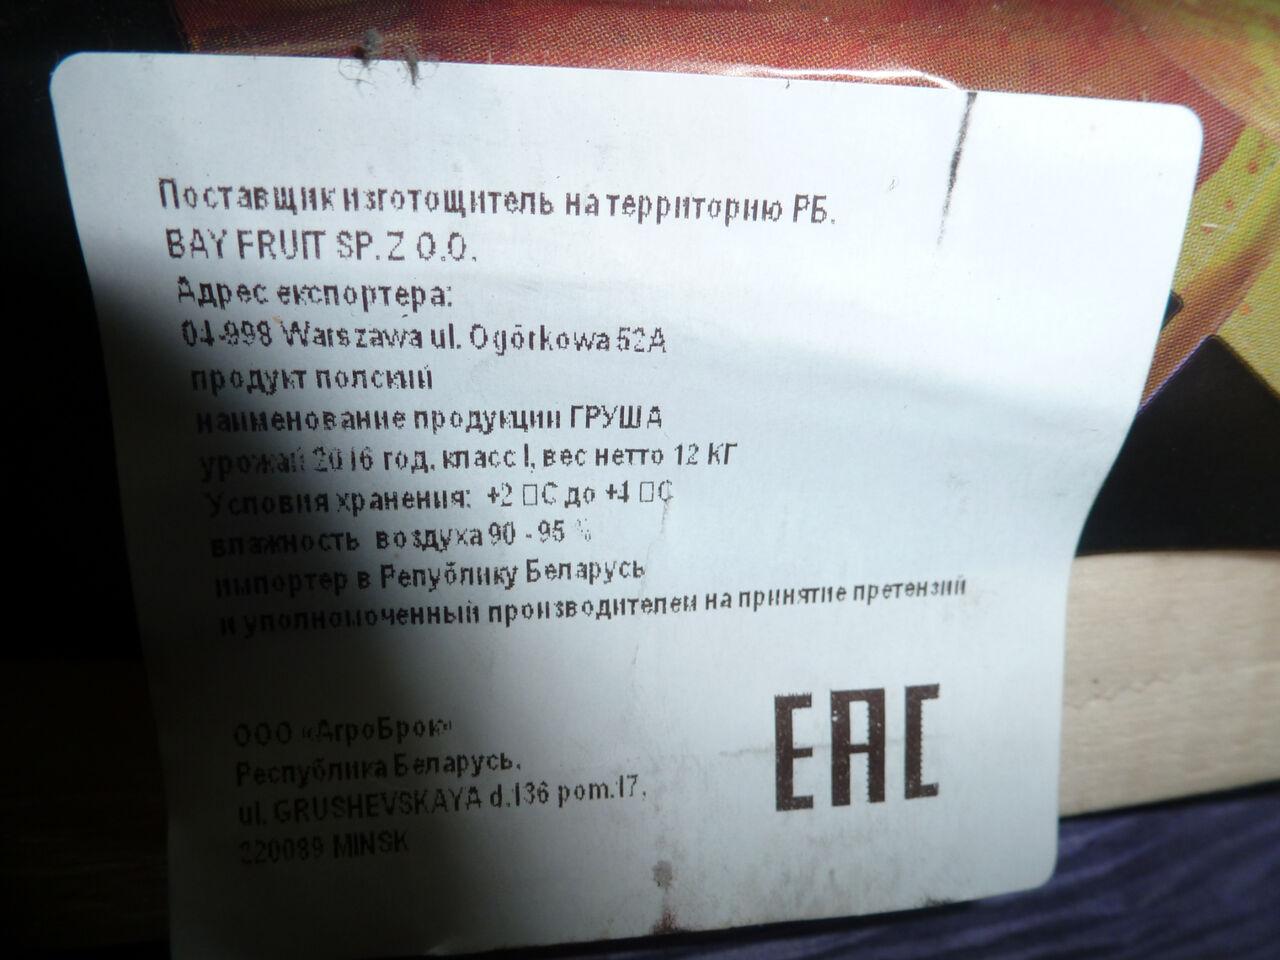 ВУссурийске уничтожили неменее 700кг санкционных груш изПольши